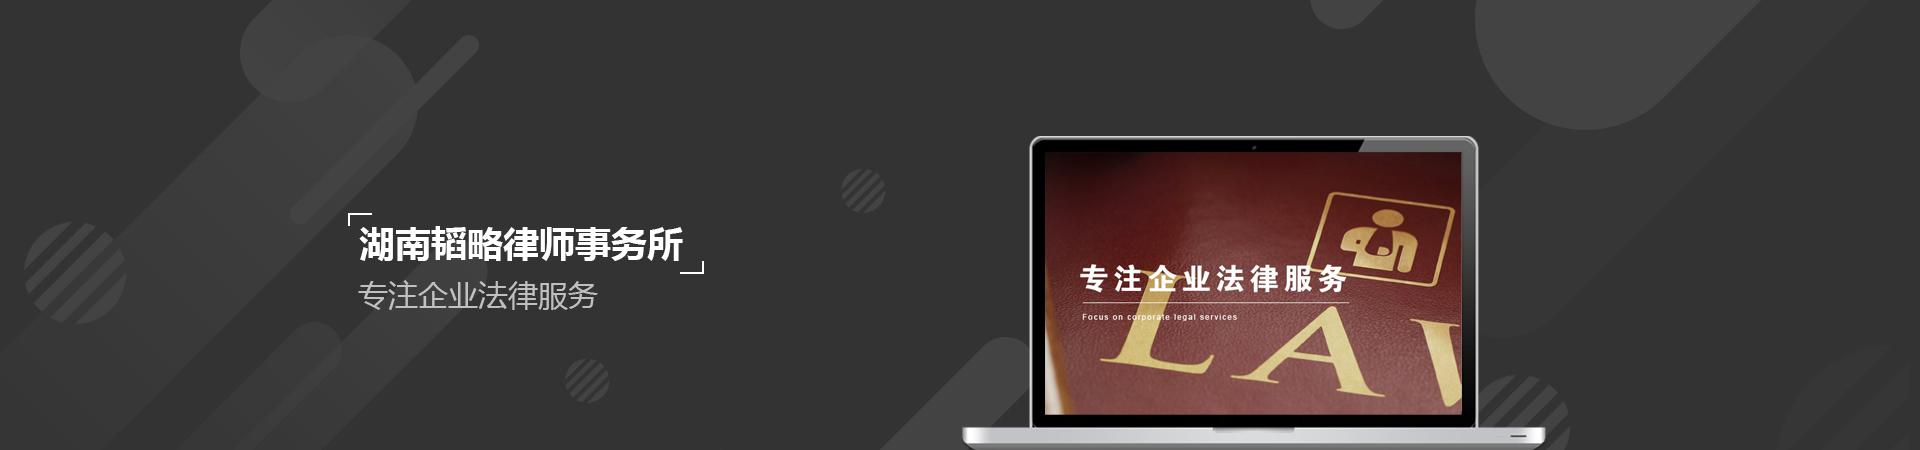 湖南韬略律师事务所